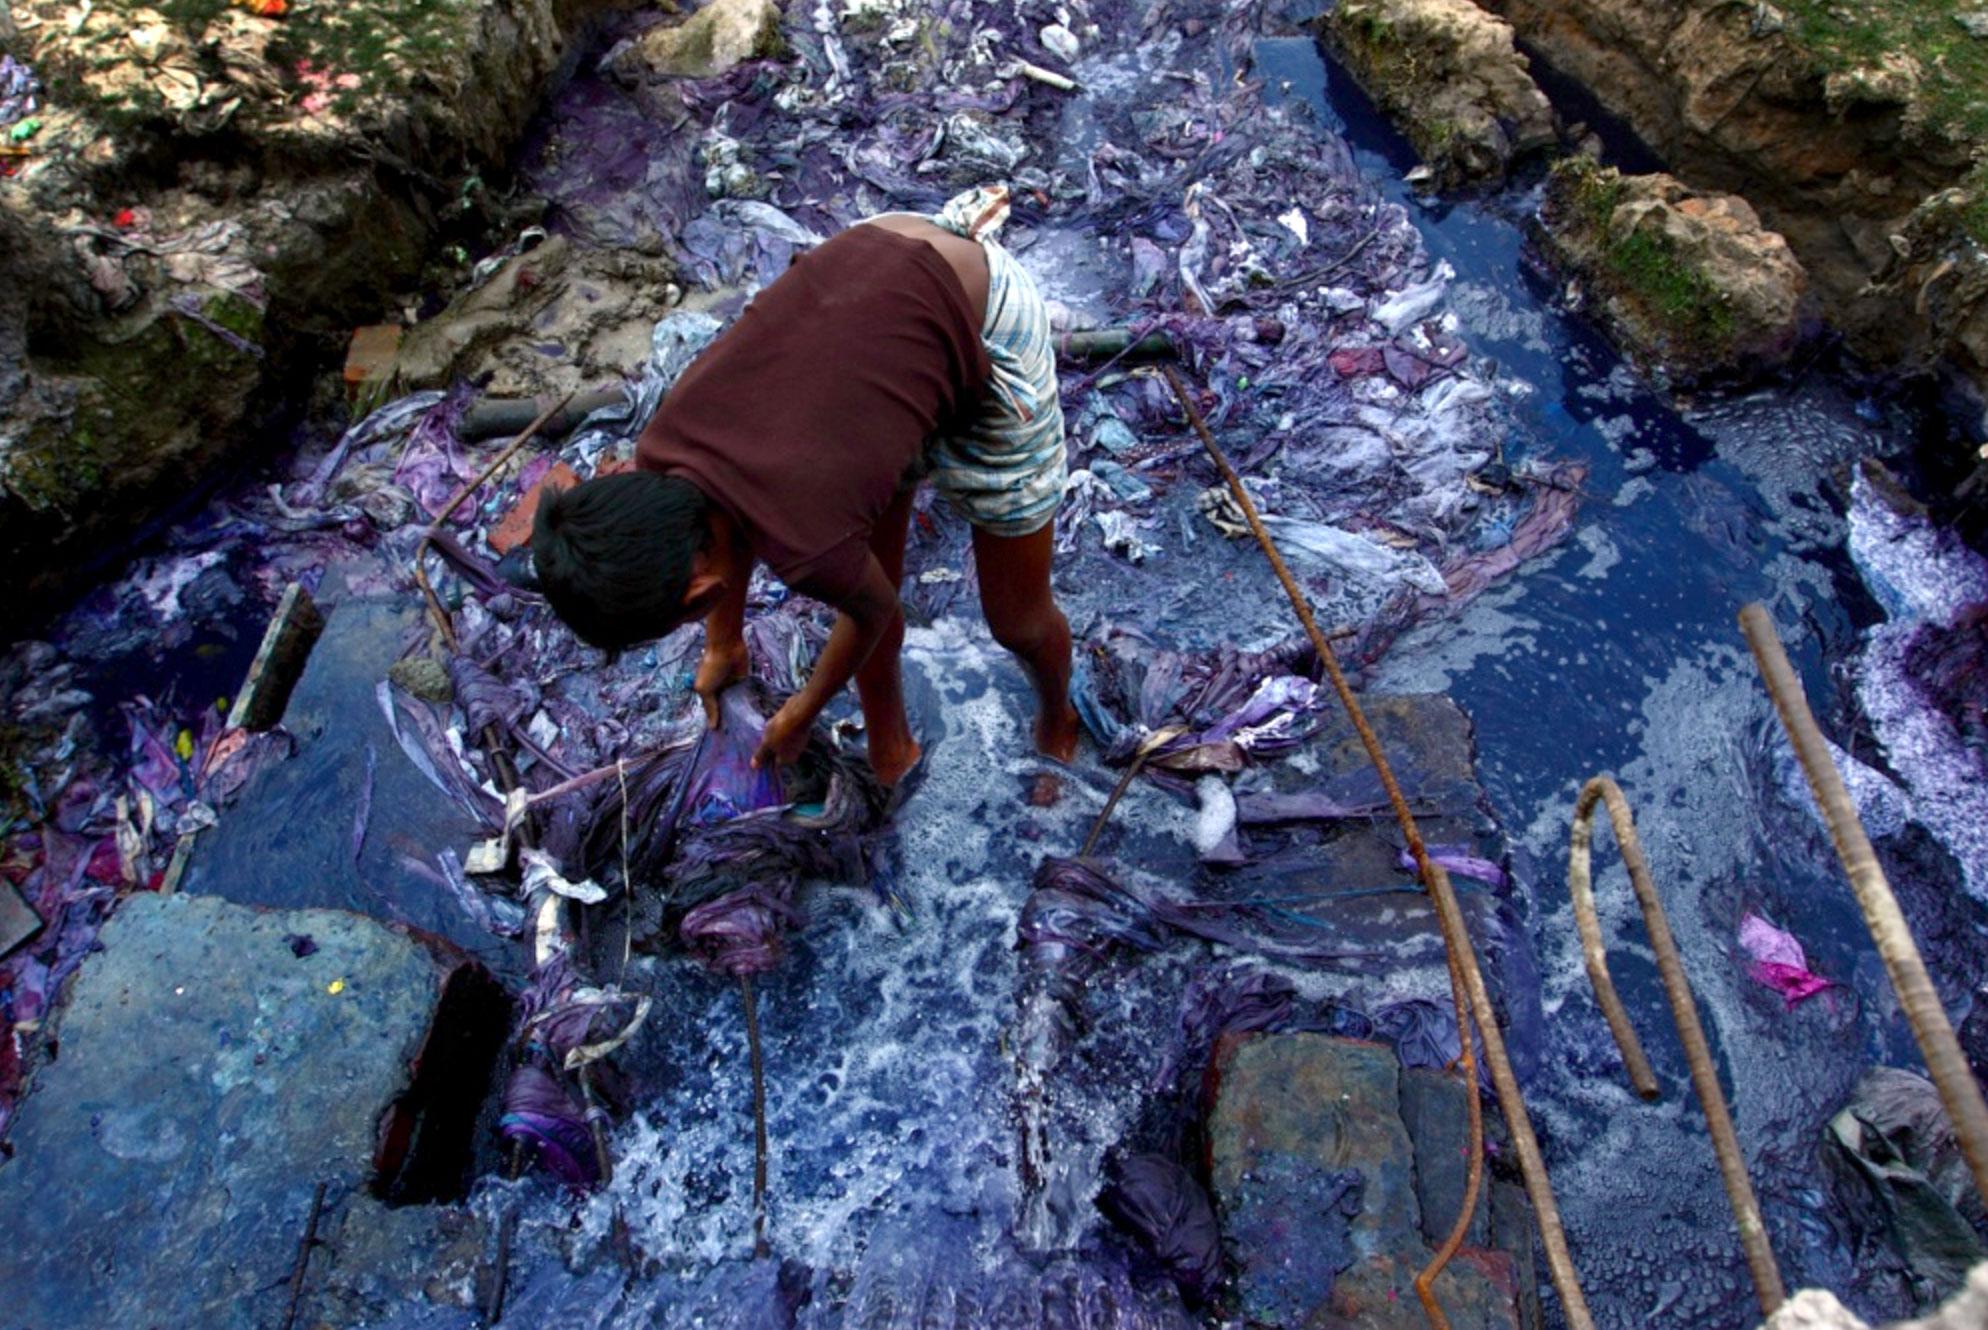 Photo by  Probal Rashid  of the Turag River, Bangladesh